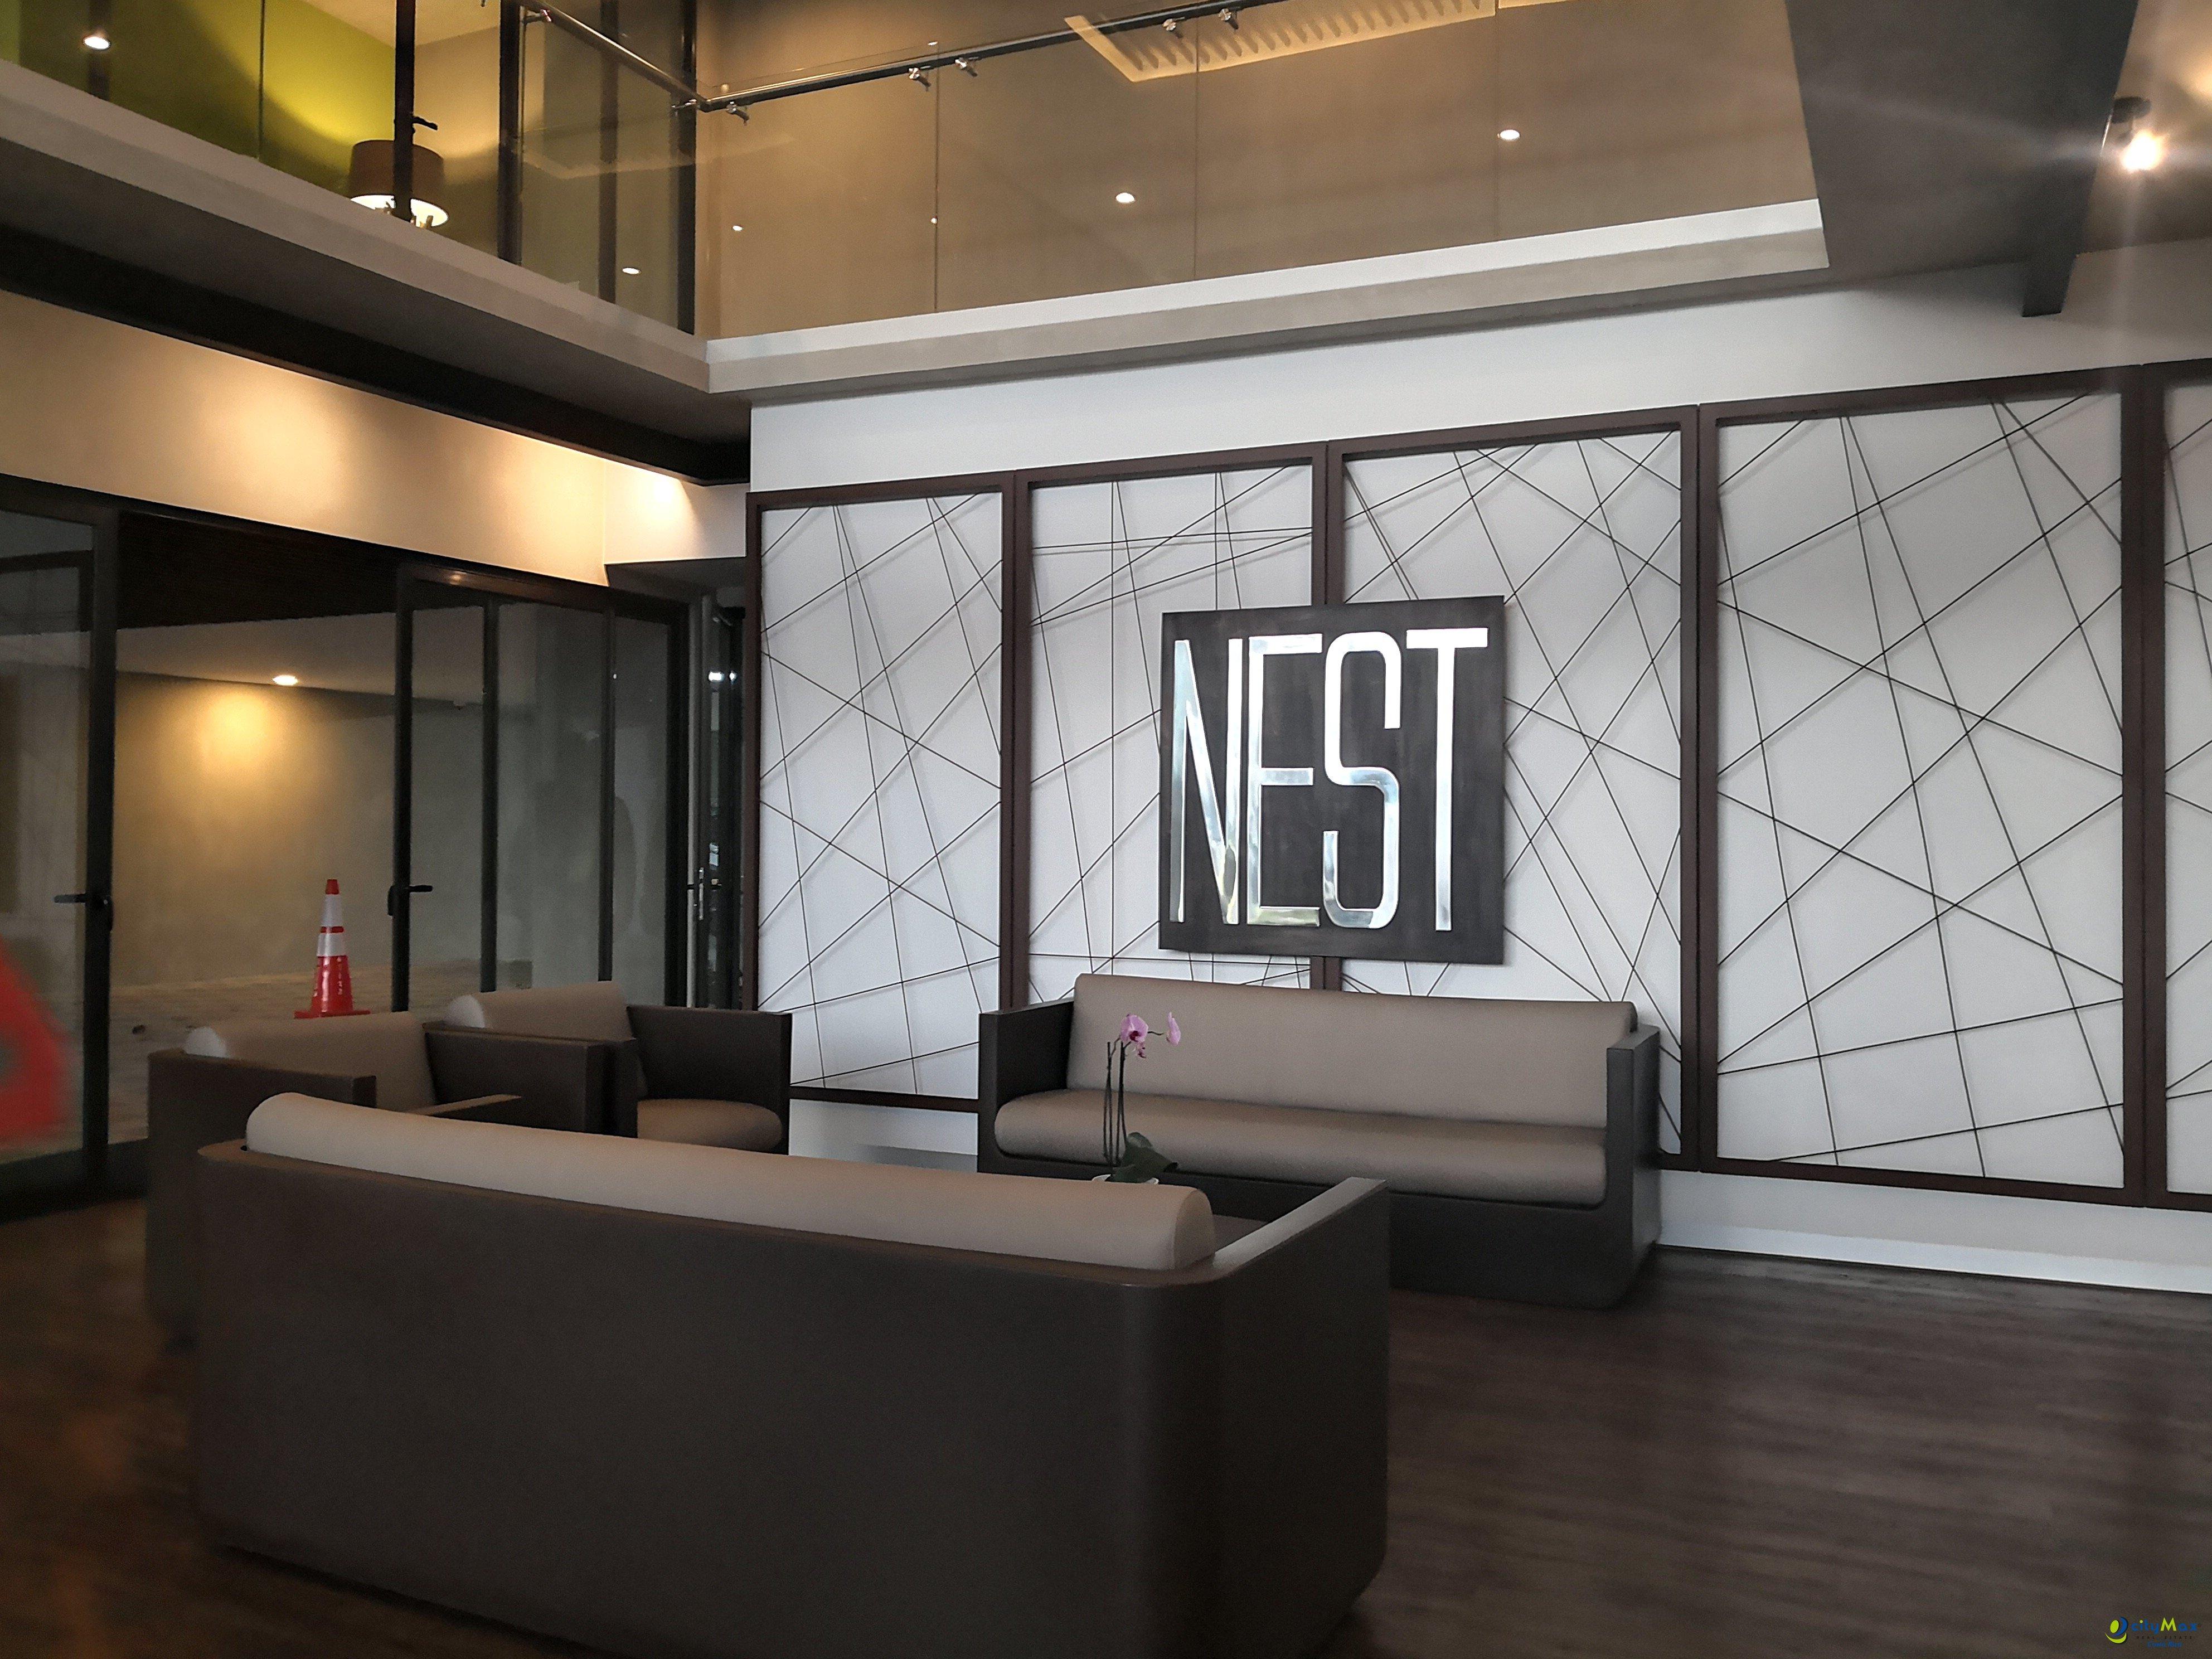 CityMax Vende Proyecto Nest Freses en Curridabat San JO